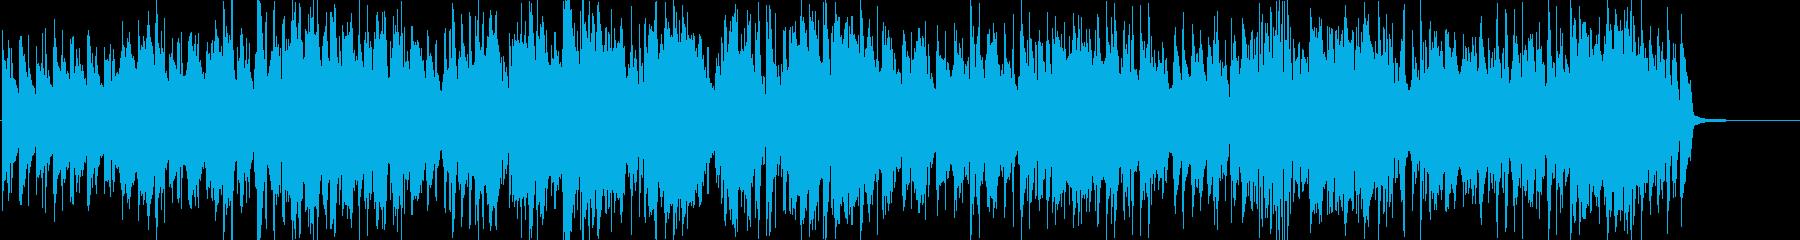 【ジャズ】映像系 陽気でアダルトな曲の再生済みの波形